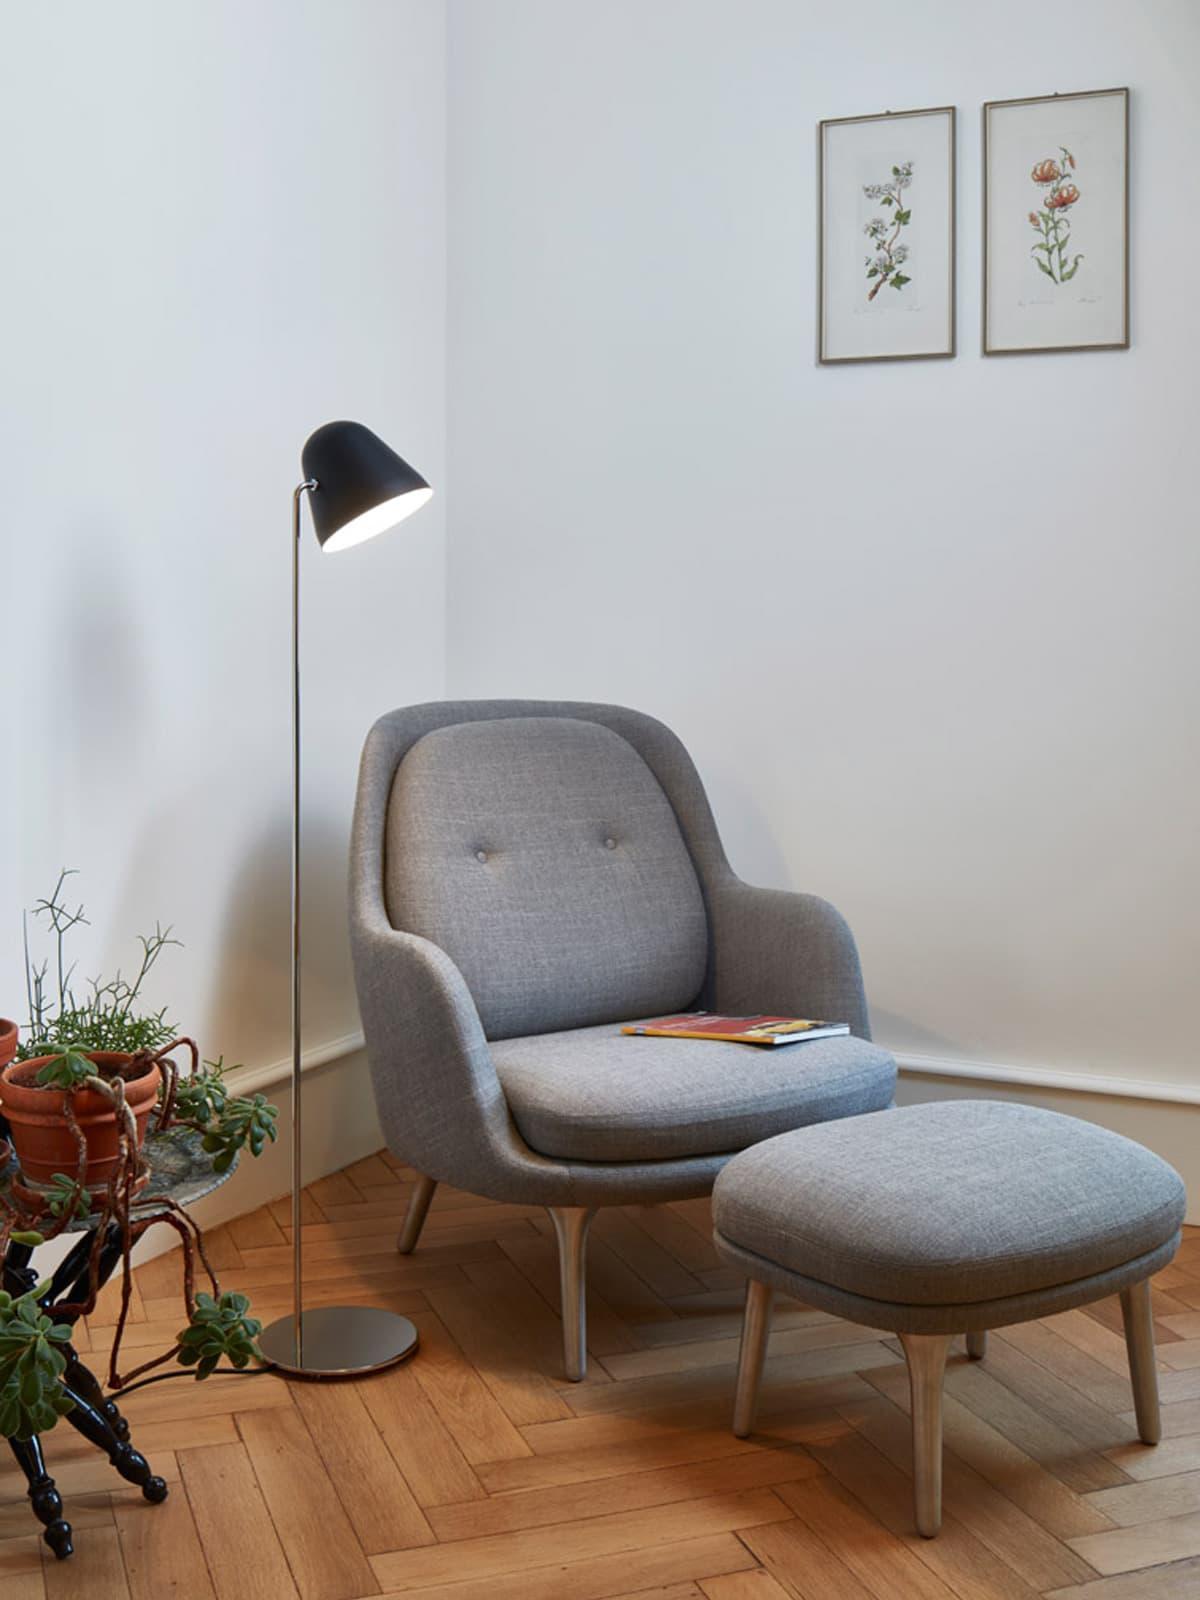 DesignOrt Blog: Leselicht NYTA Tilt S Floor Stehlampe